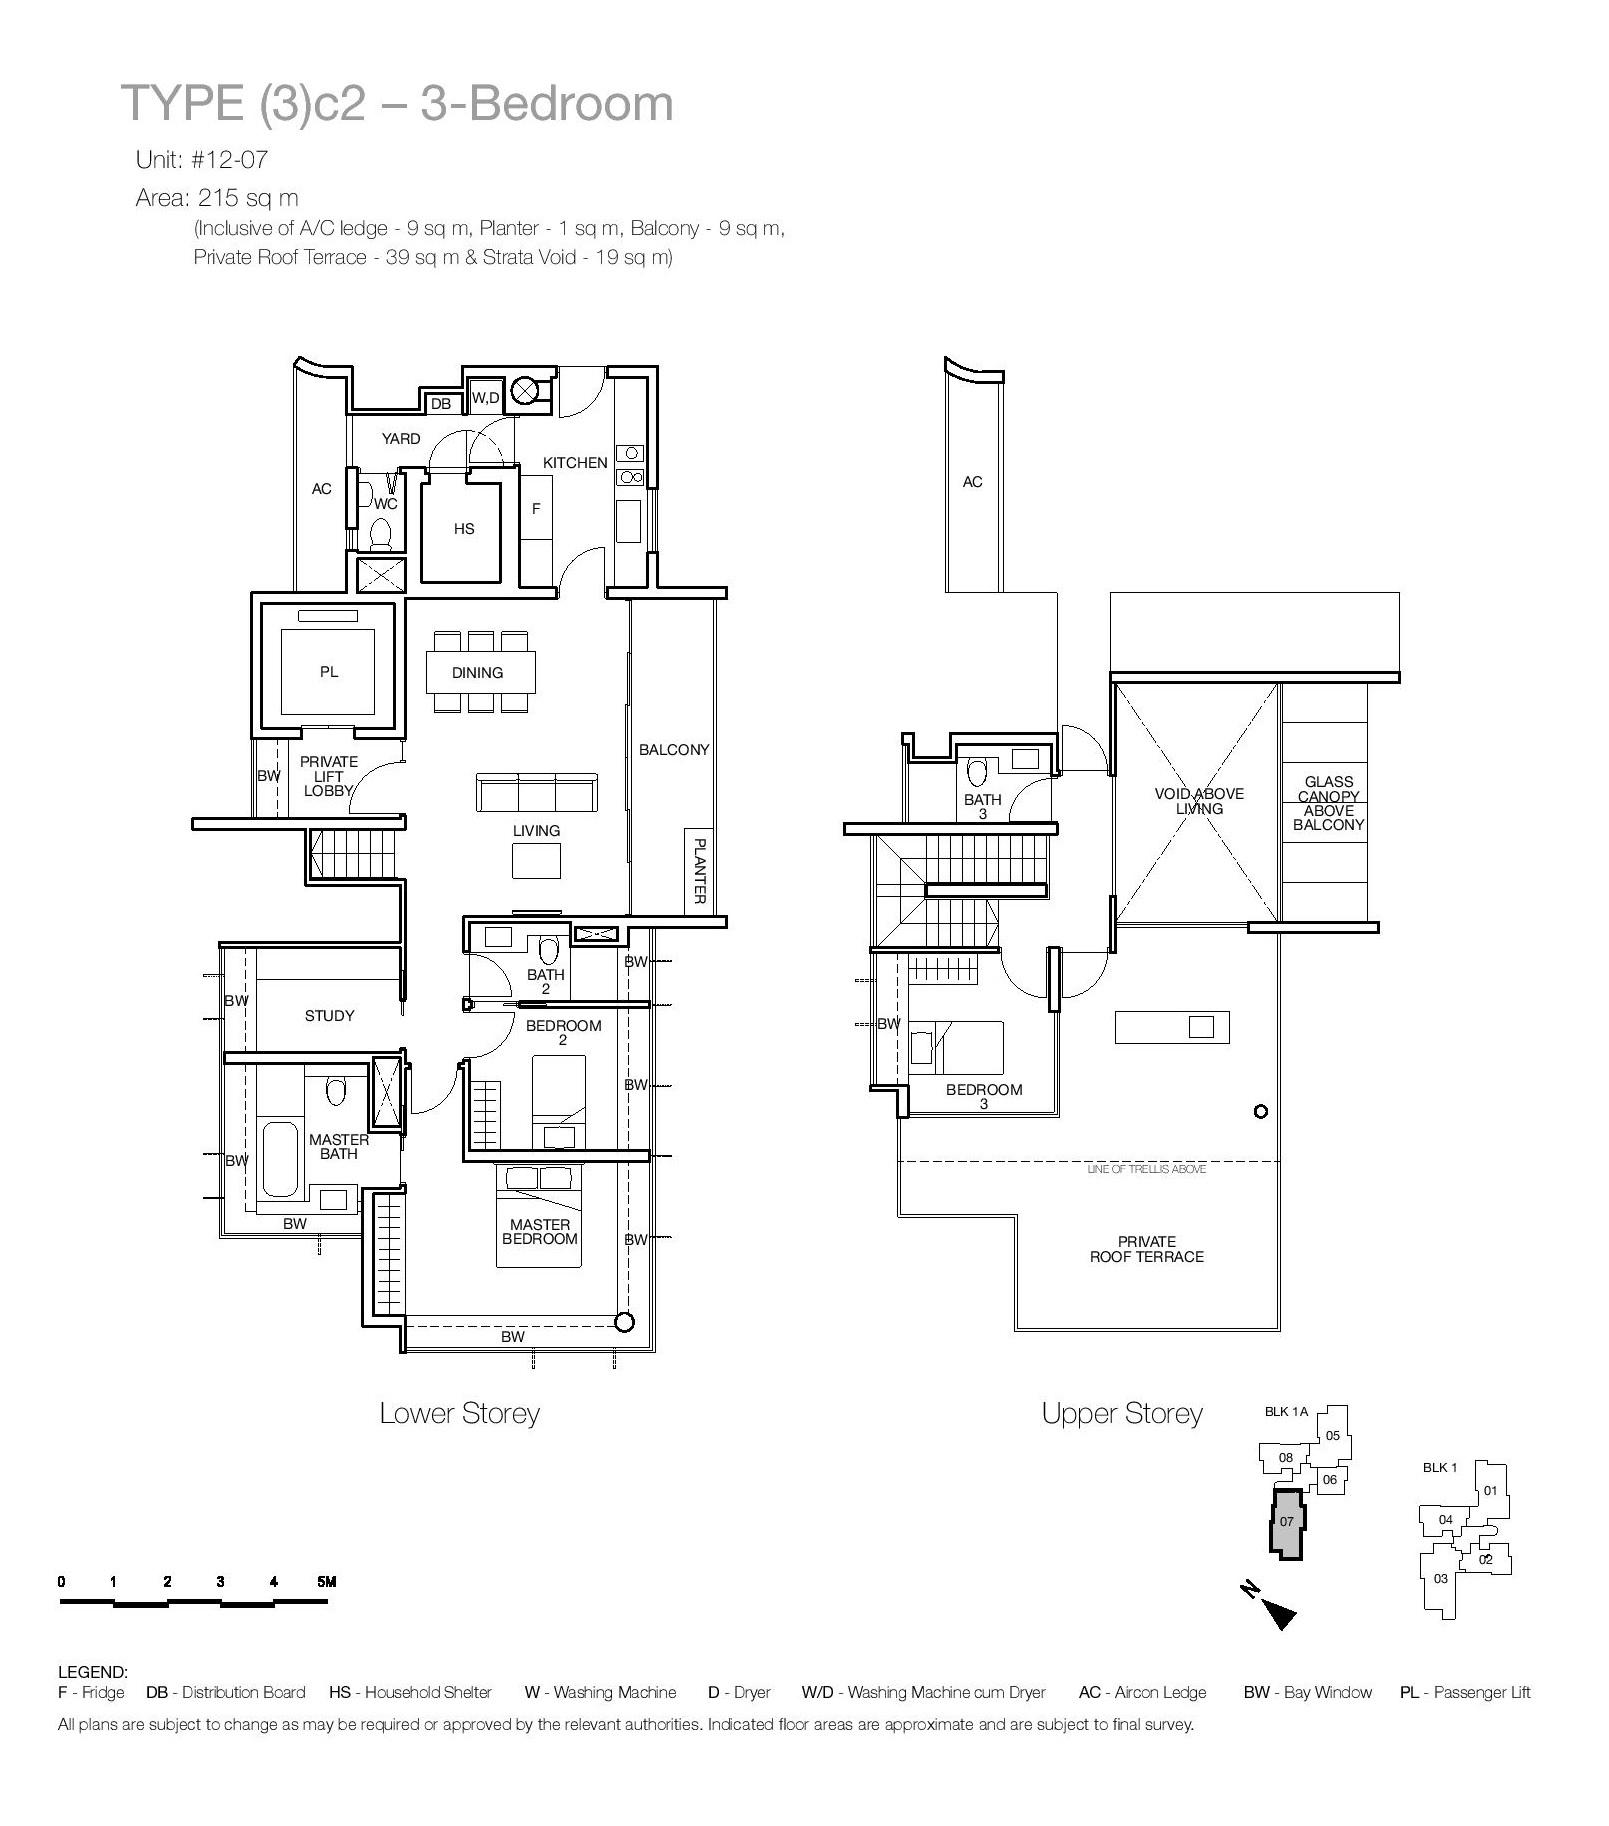 One Balmoral 3 Bedroom Floor Type (3)c2 Plans